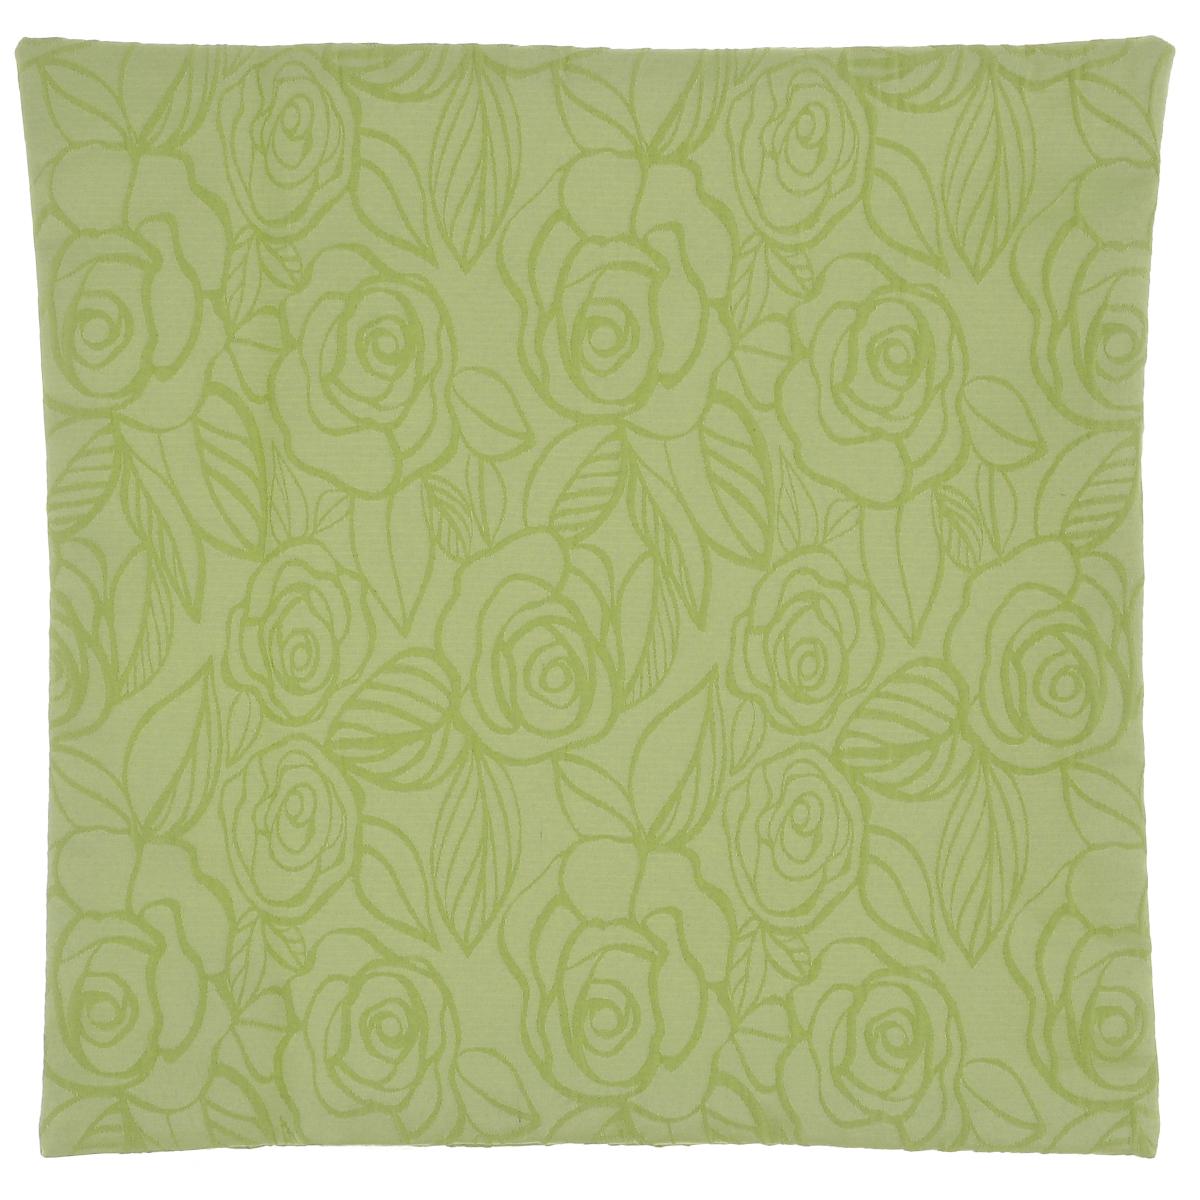 Наволочка декоративная Schaefer, цвет: светло-зеленый, 40 х 40 см16056Наволочка Schaefer выполнена из полиэстера и украшена цветочным узором. Наволочка застегивается на потайную застежку-молнию.Изделия из полиэстера легко стирать: они не мнутся, не садятся и быстро сохнут, они более долговечны, чем изделия из натуральных волокон.Это текстильное изделие станет удобным и комфортным украшением вашего дома!